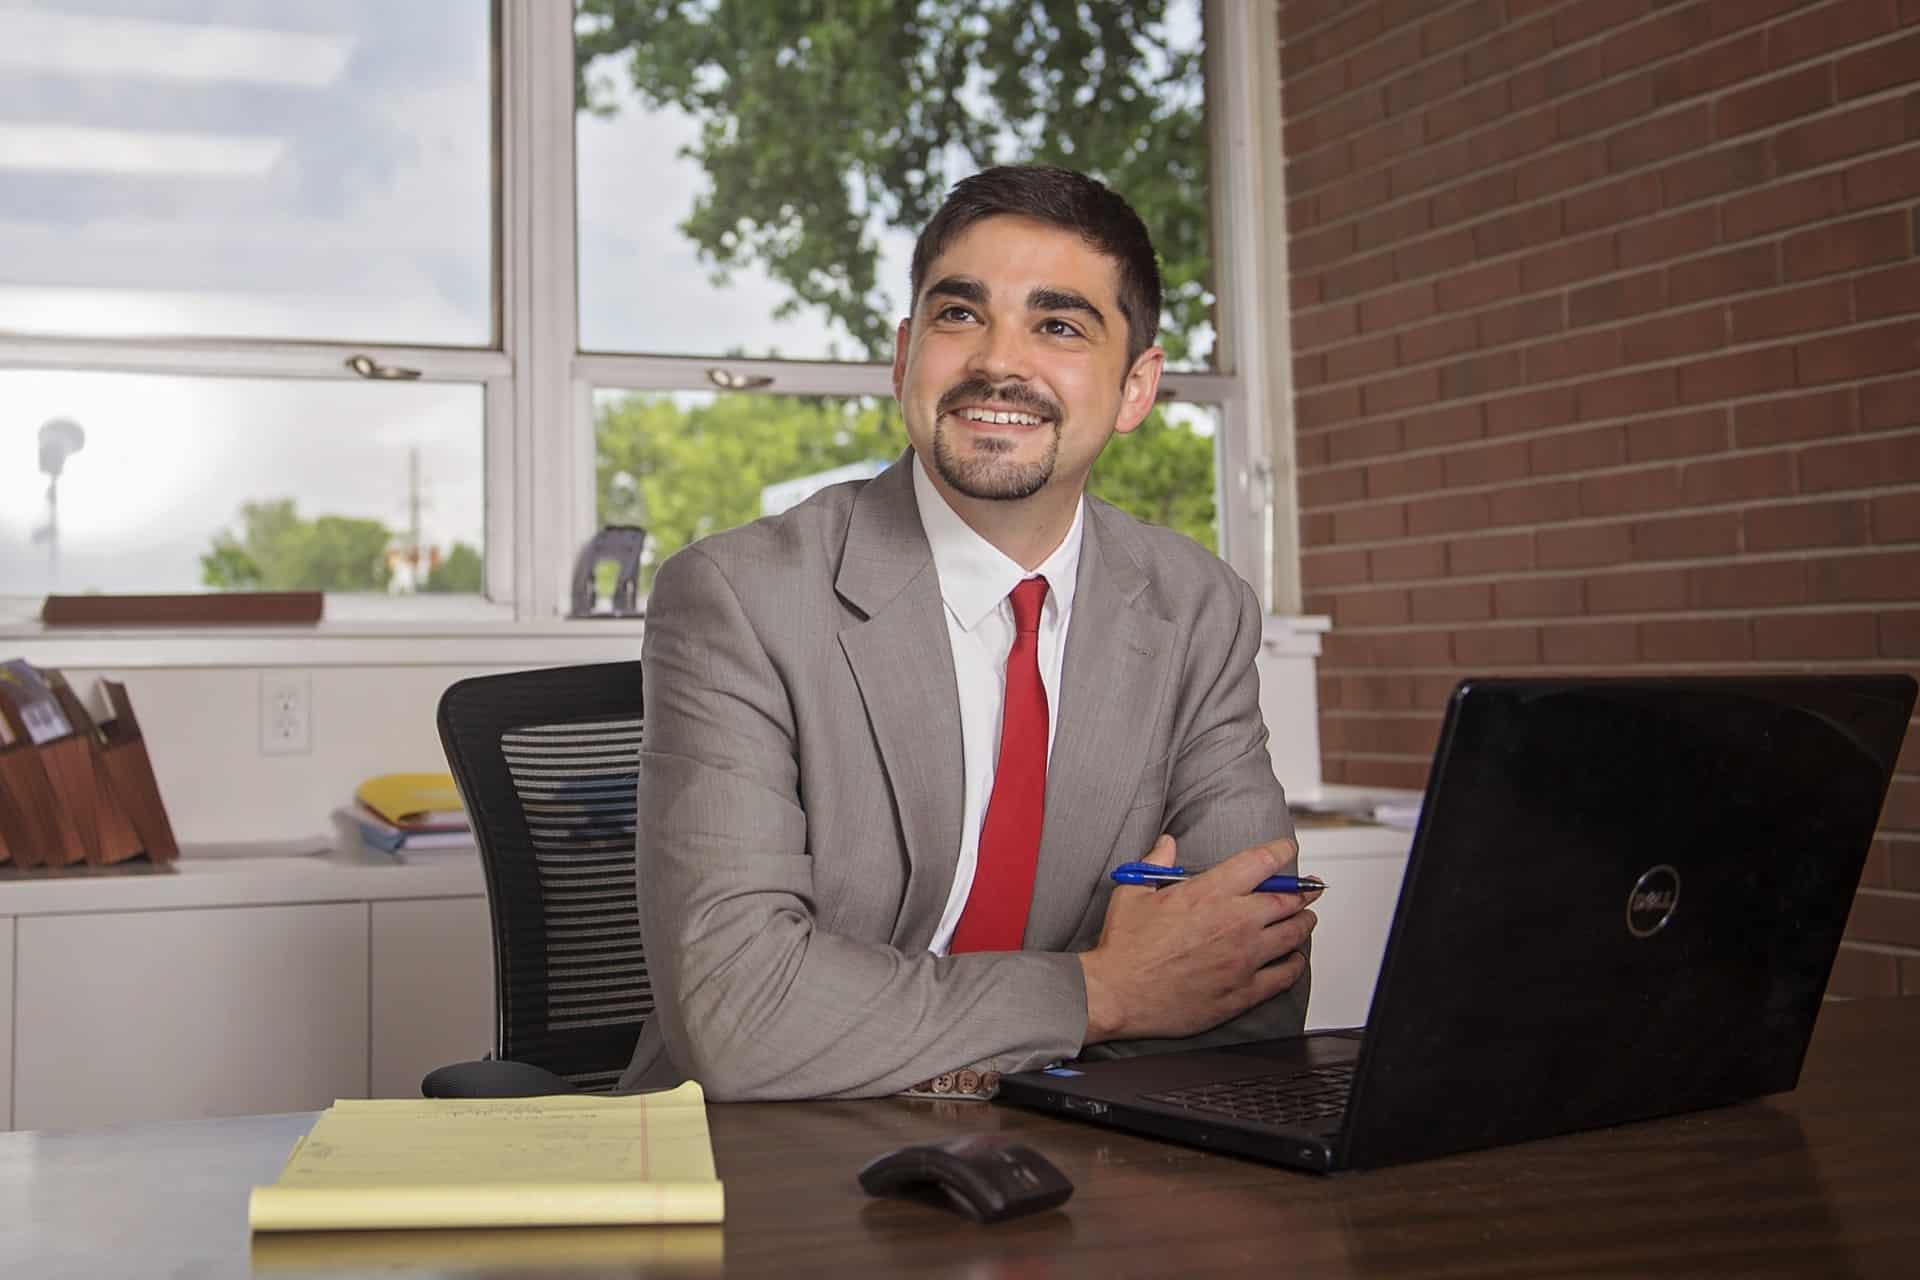 Lawyer in Fayetteville, AR